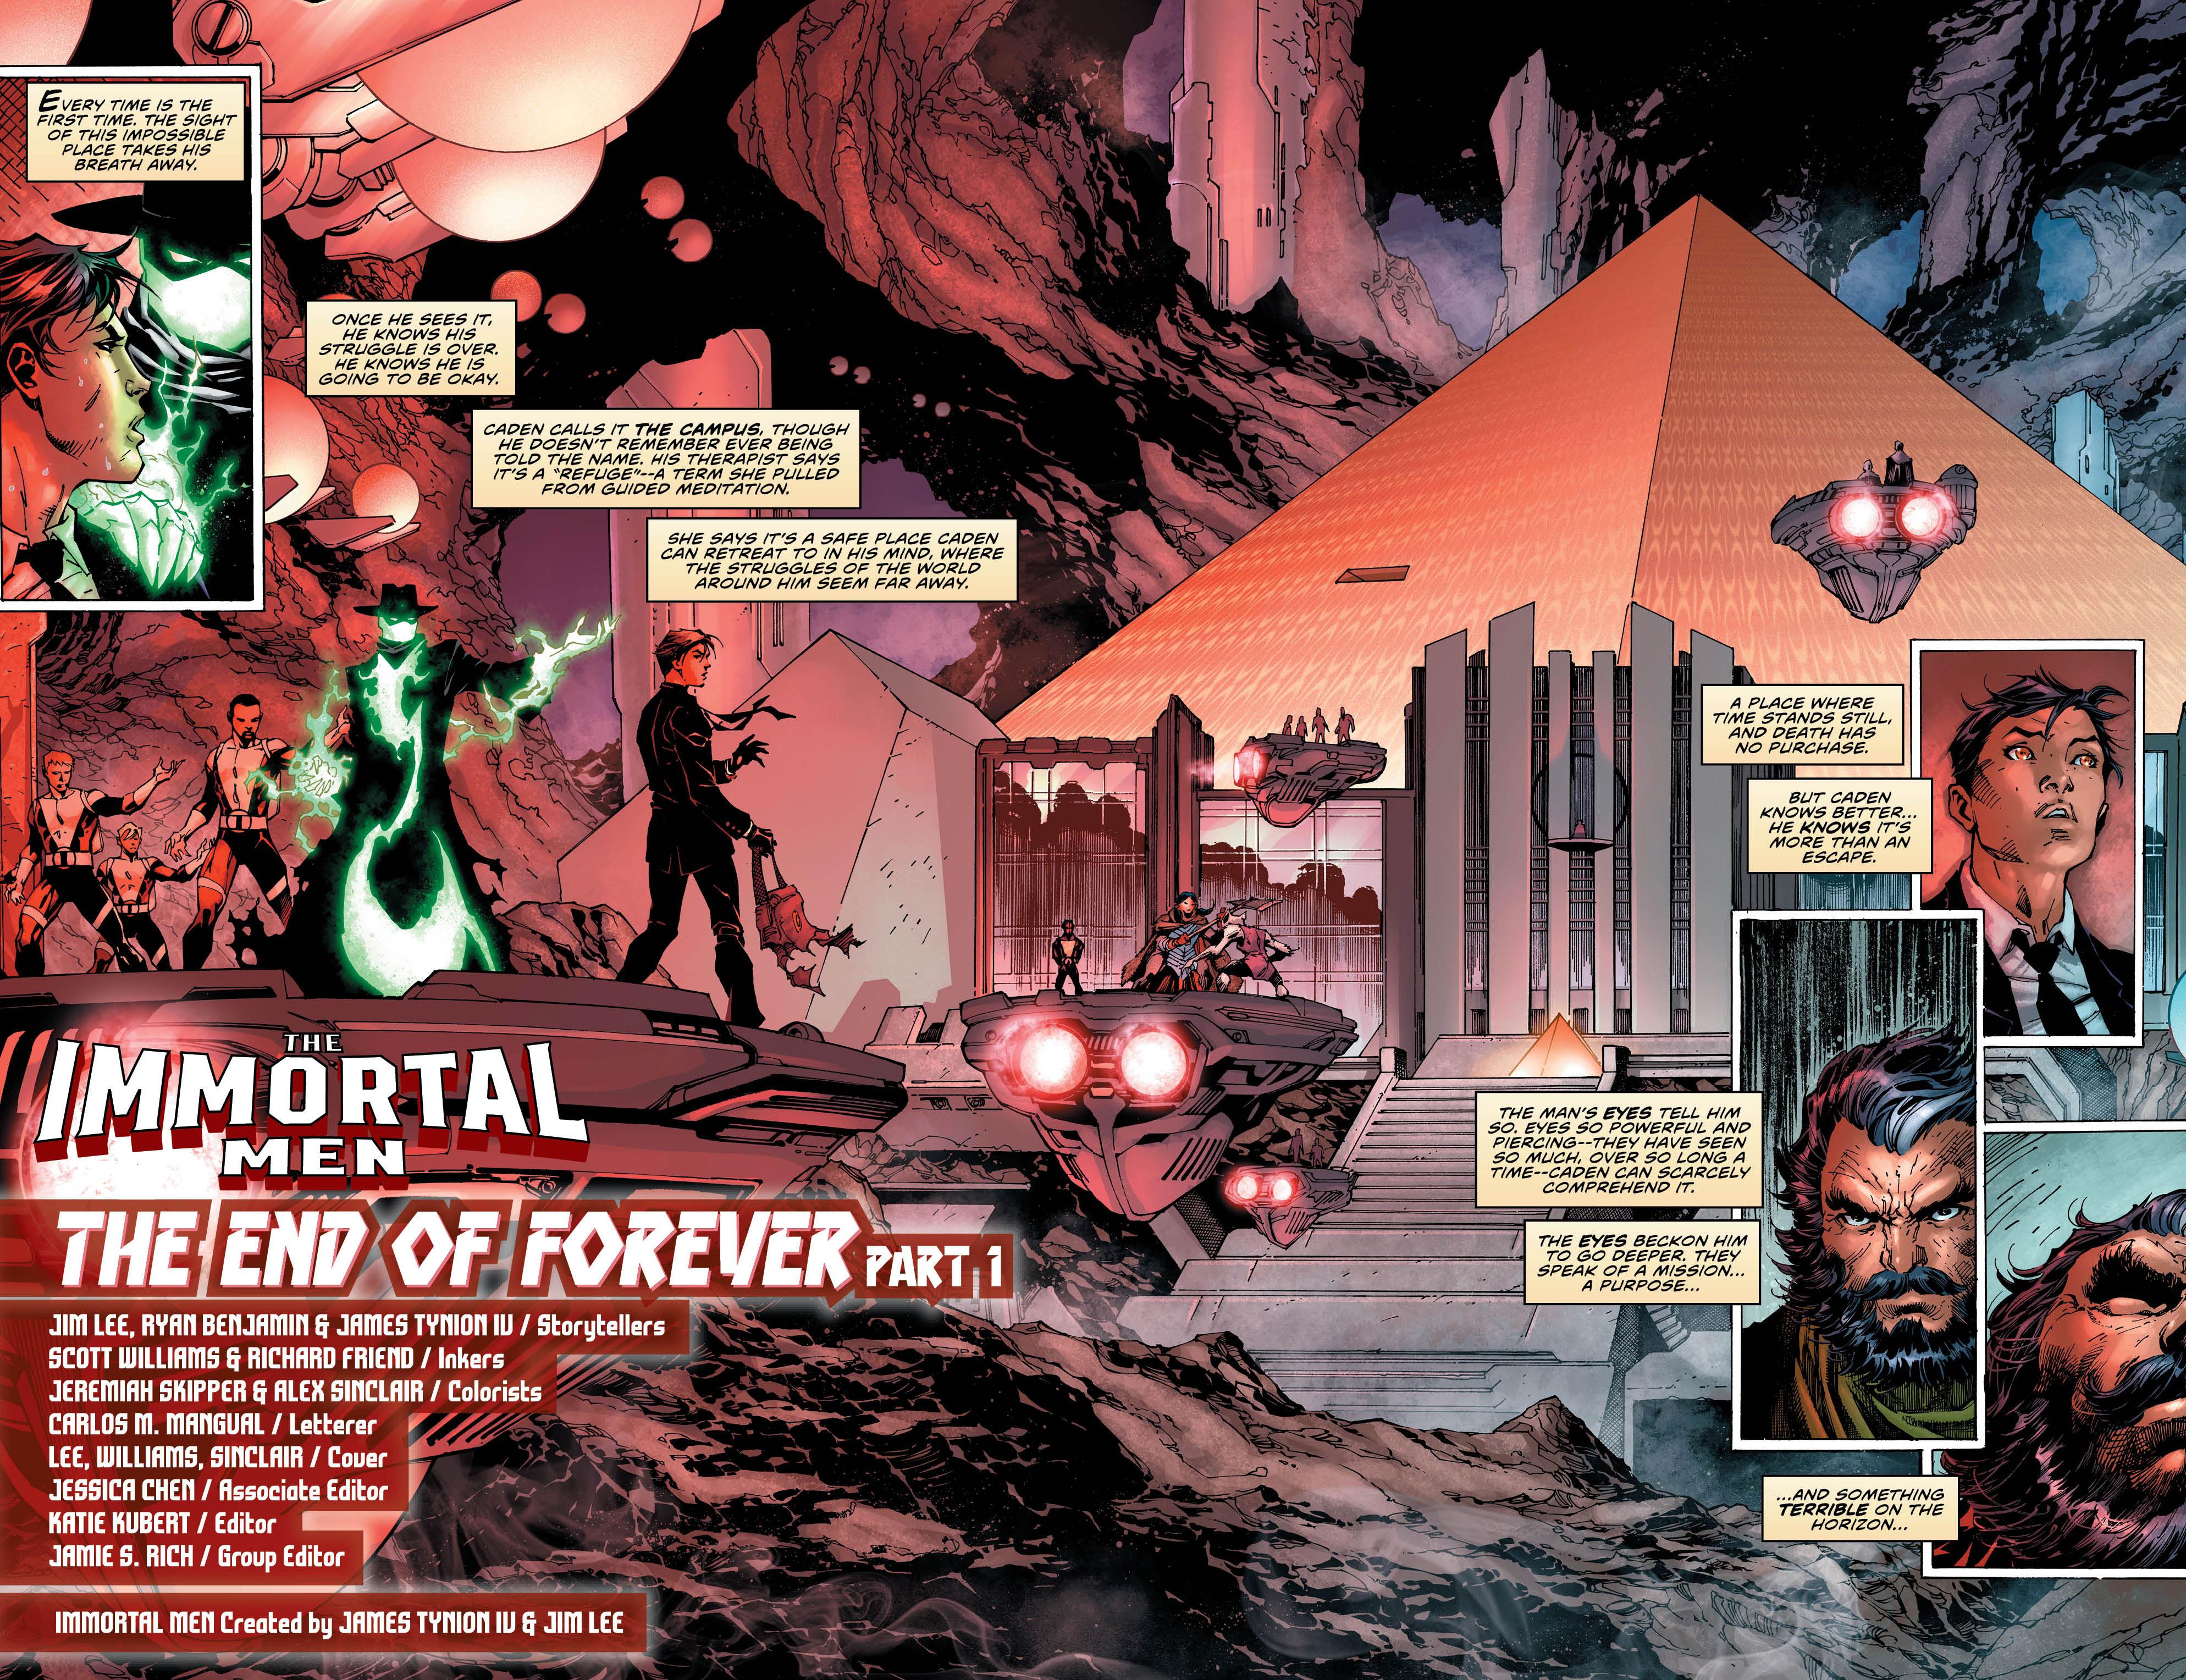 The Immortal Men #1